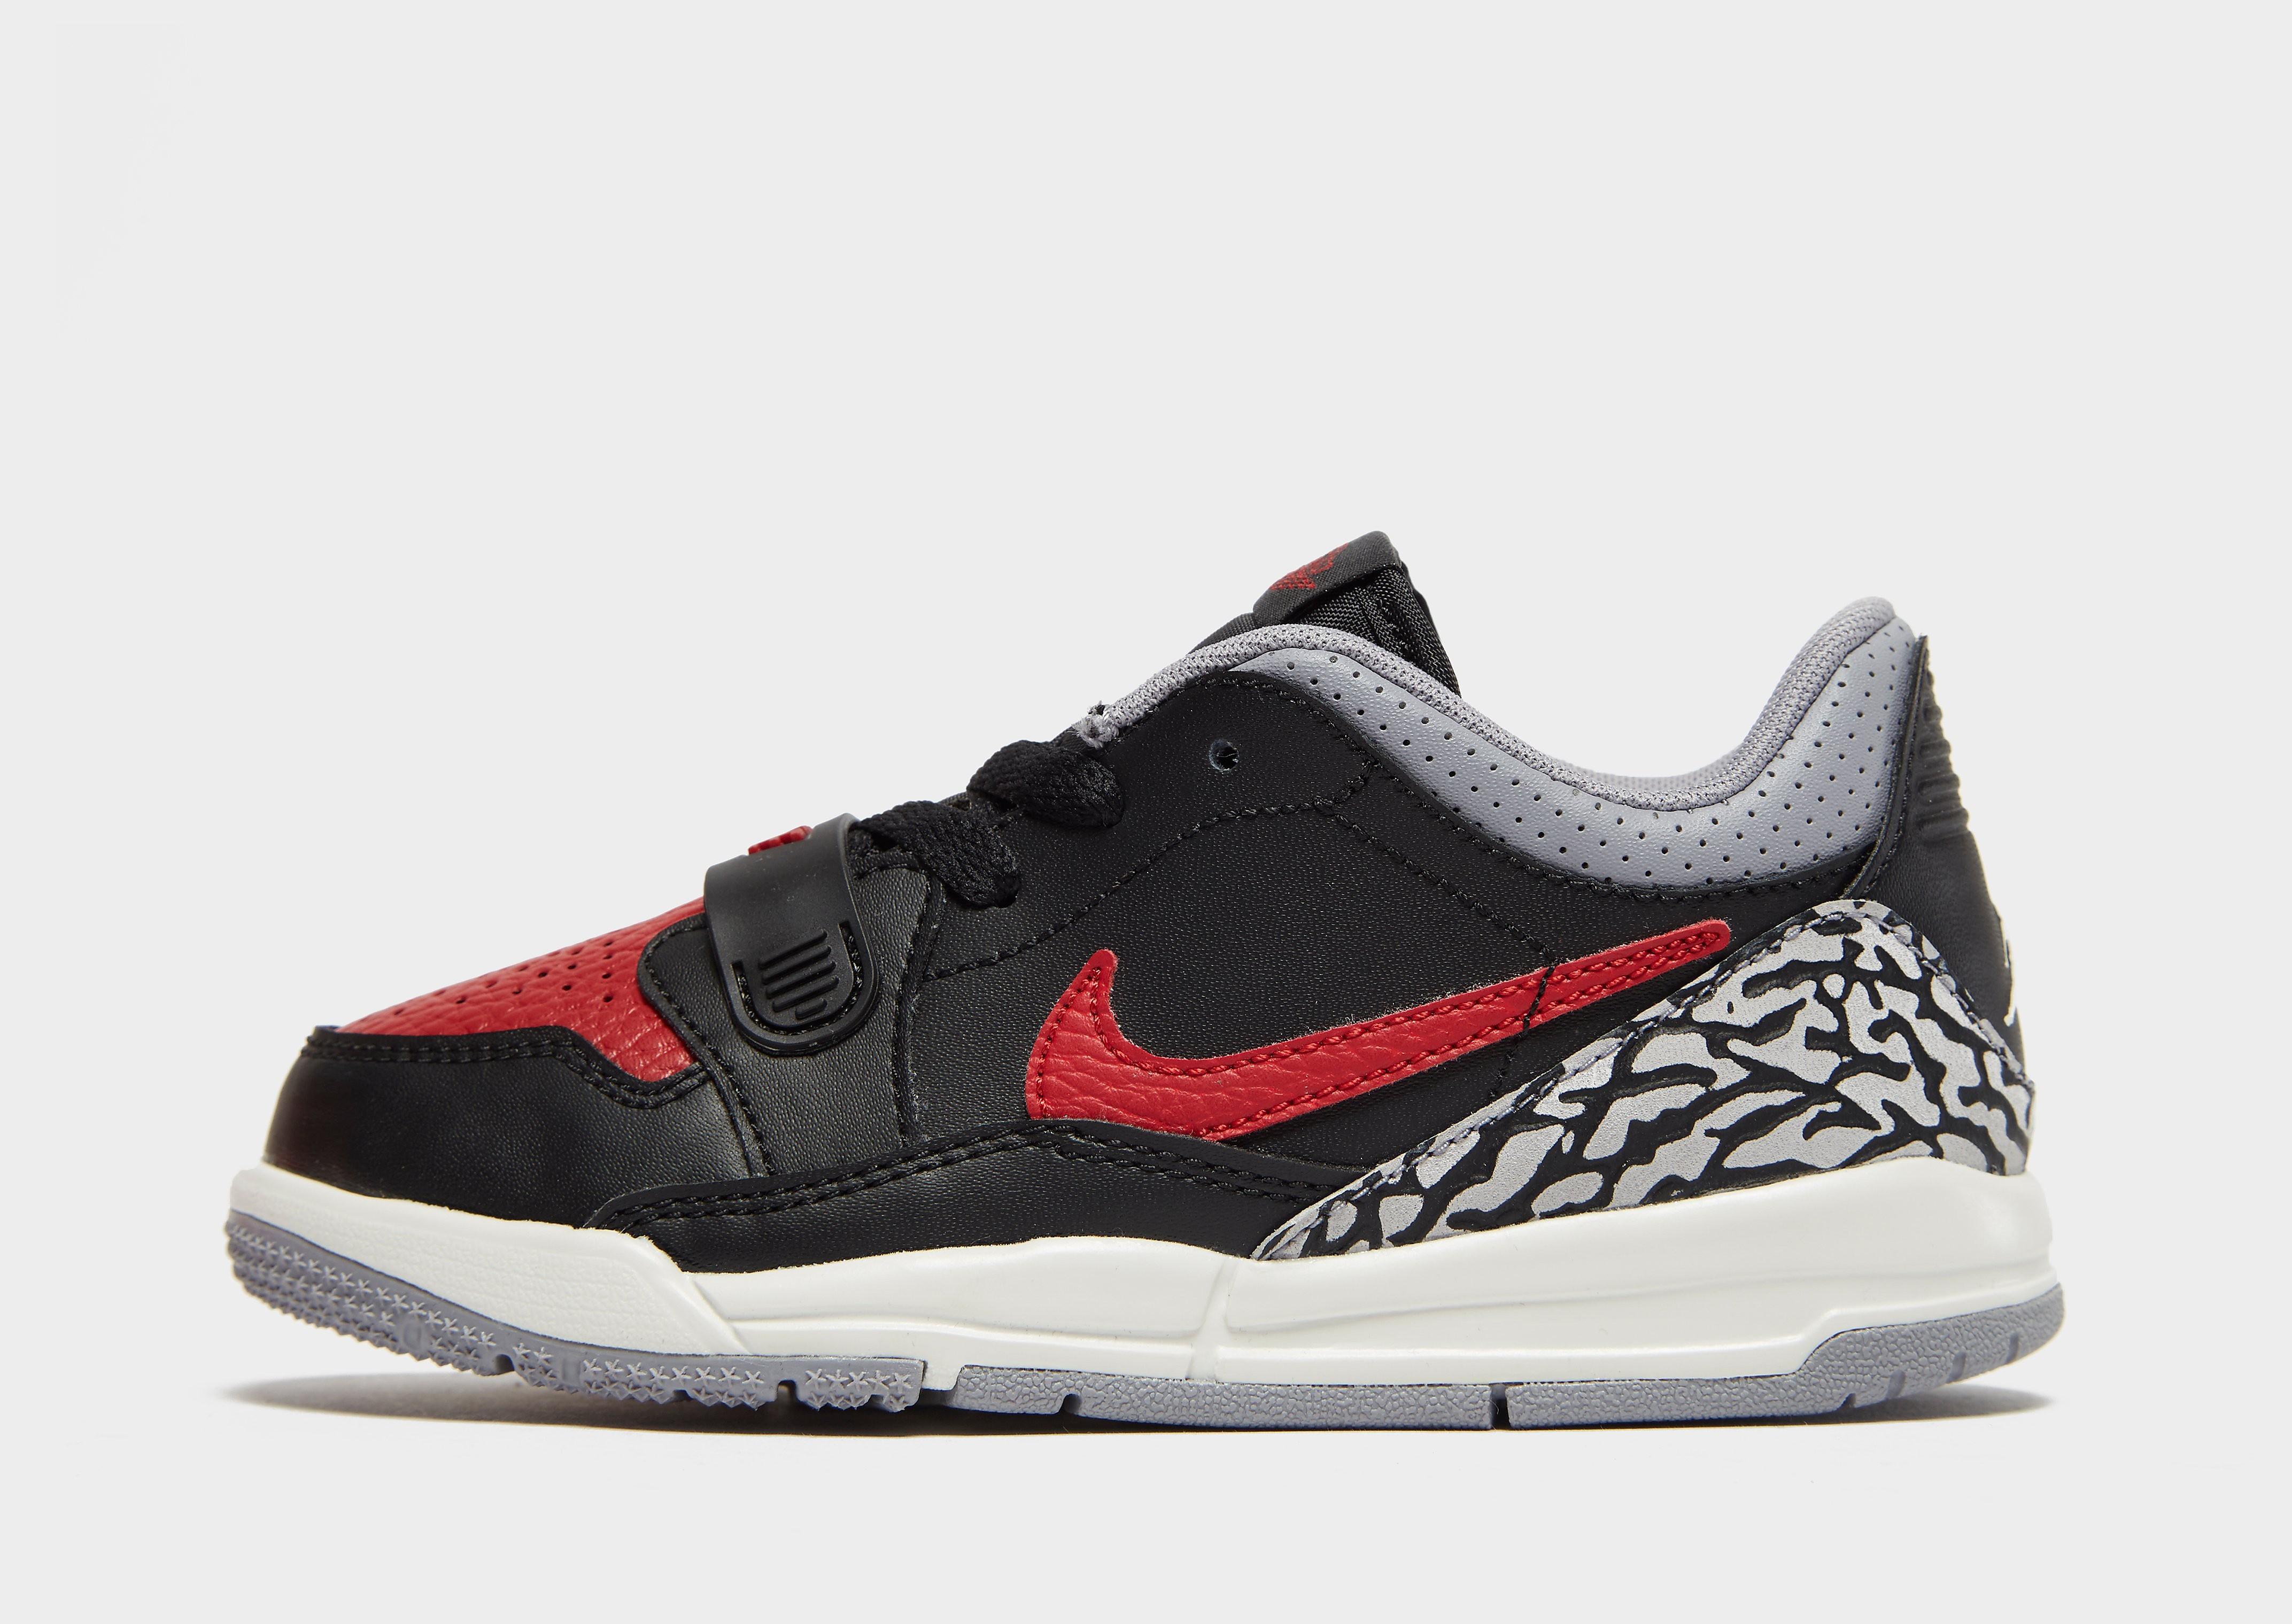 Jordan kindersneaker zwart, print en rood